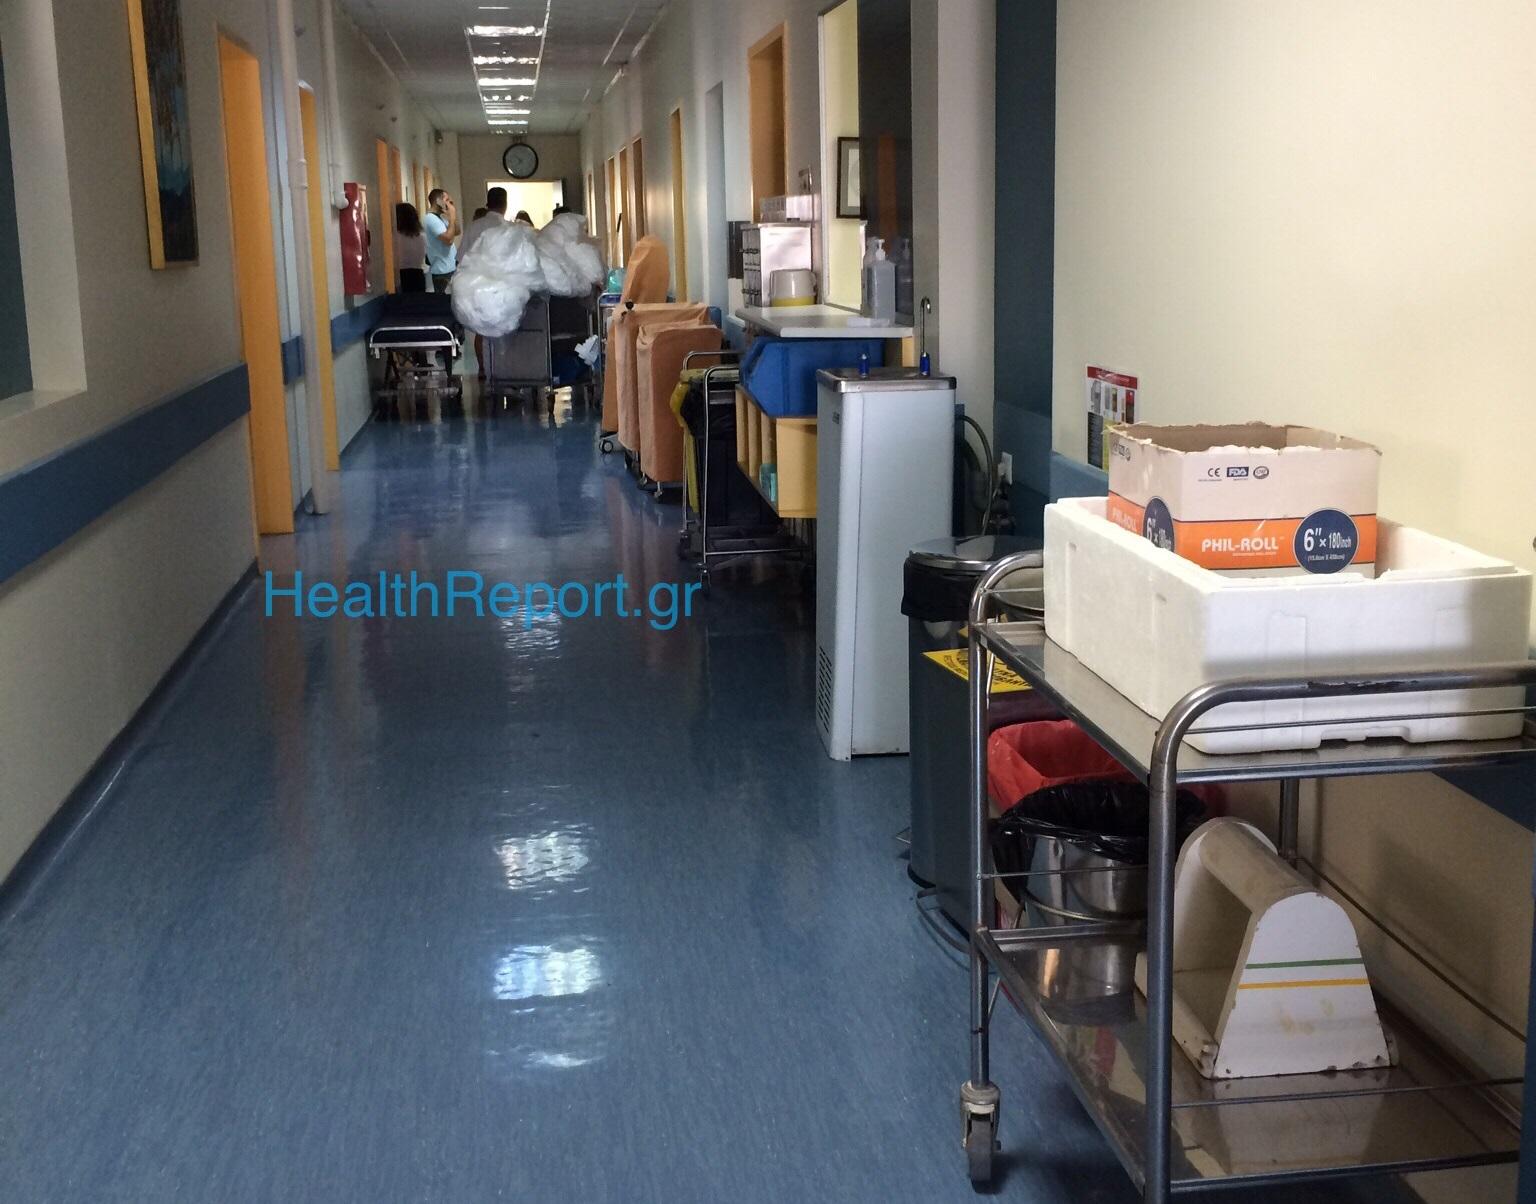 Νοσοκομεία για…κλάματα! Γιατί παραμένουν ακόμη «ακέφαλα» χωρίς διοικητές